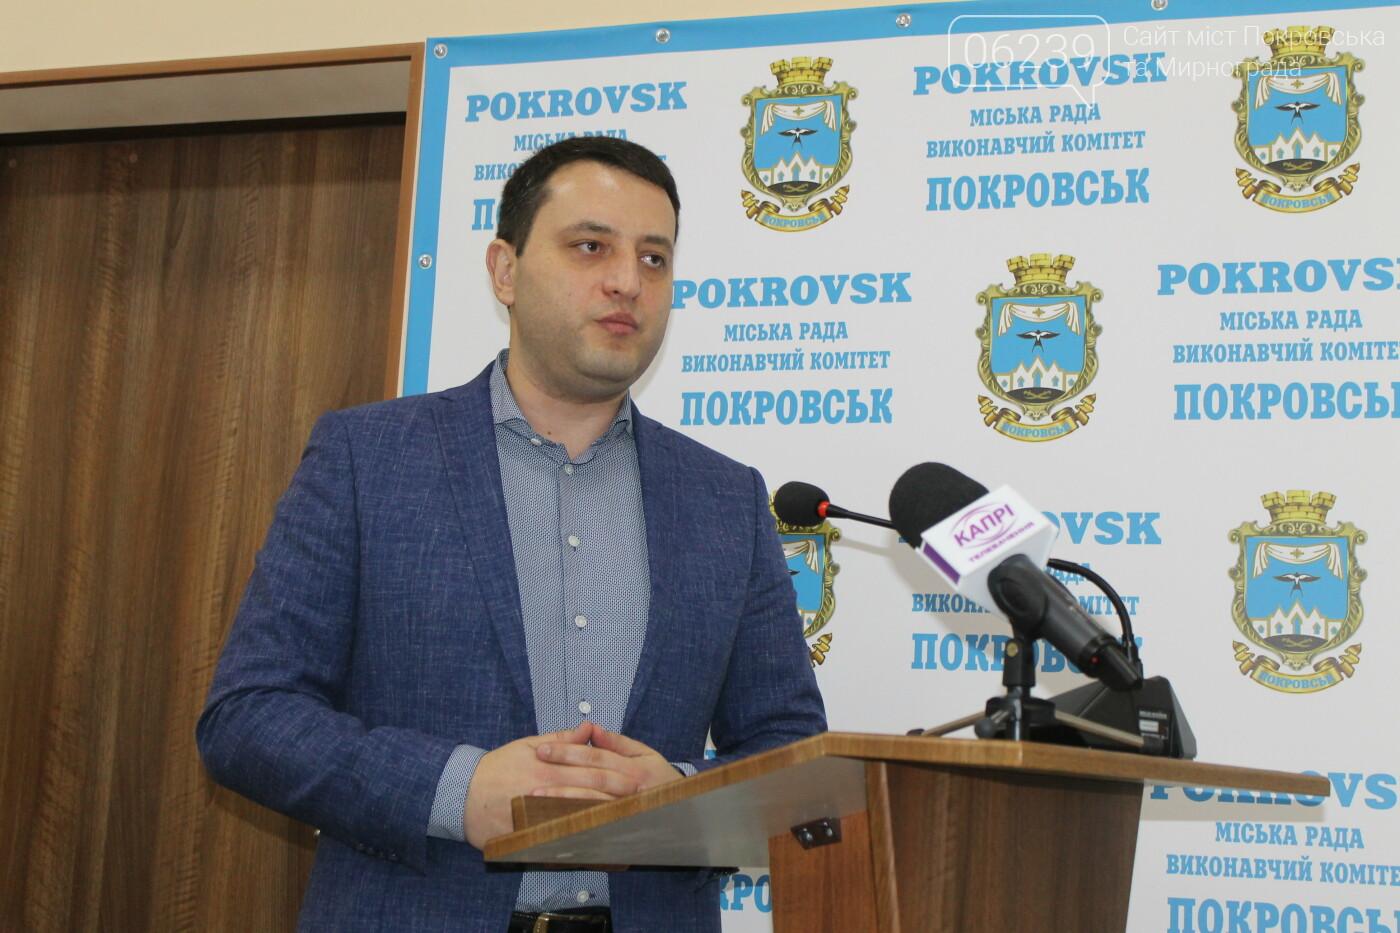 Увеличение количества чиновников: у мэра Покровска появился новый заместитель , фото-2